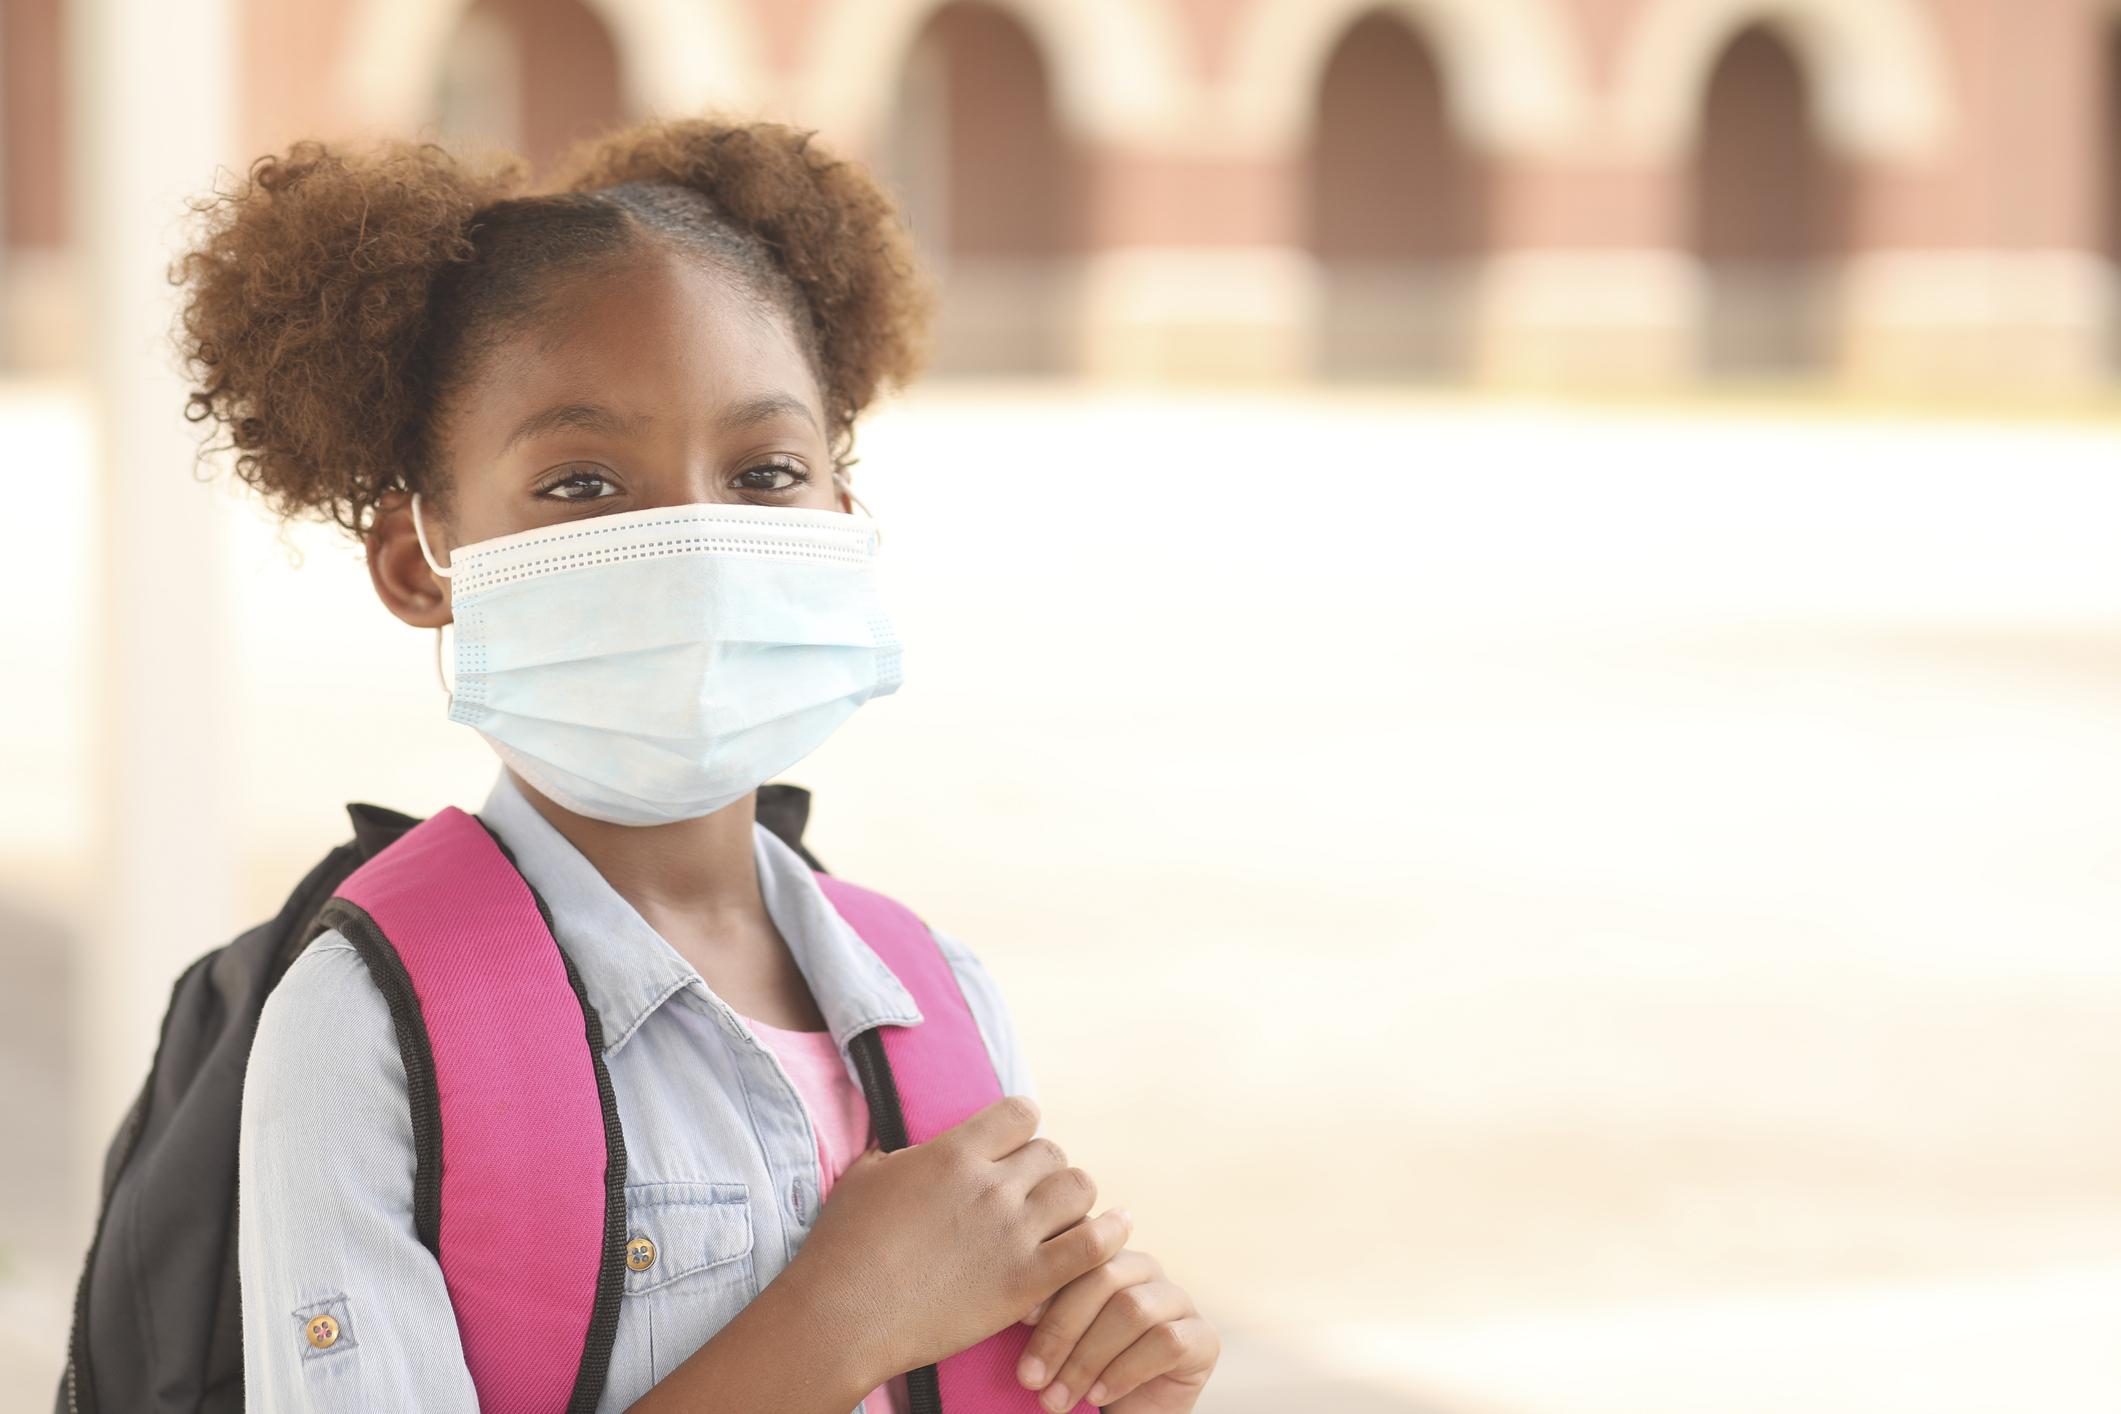 Saúde mental dos estudantes: maneiras de lidar com o assunto durante a pandemia